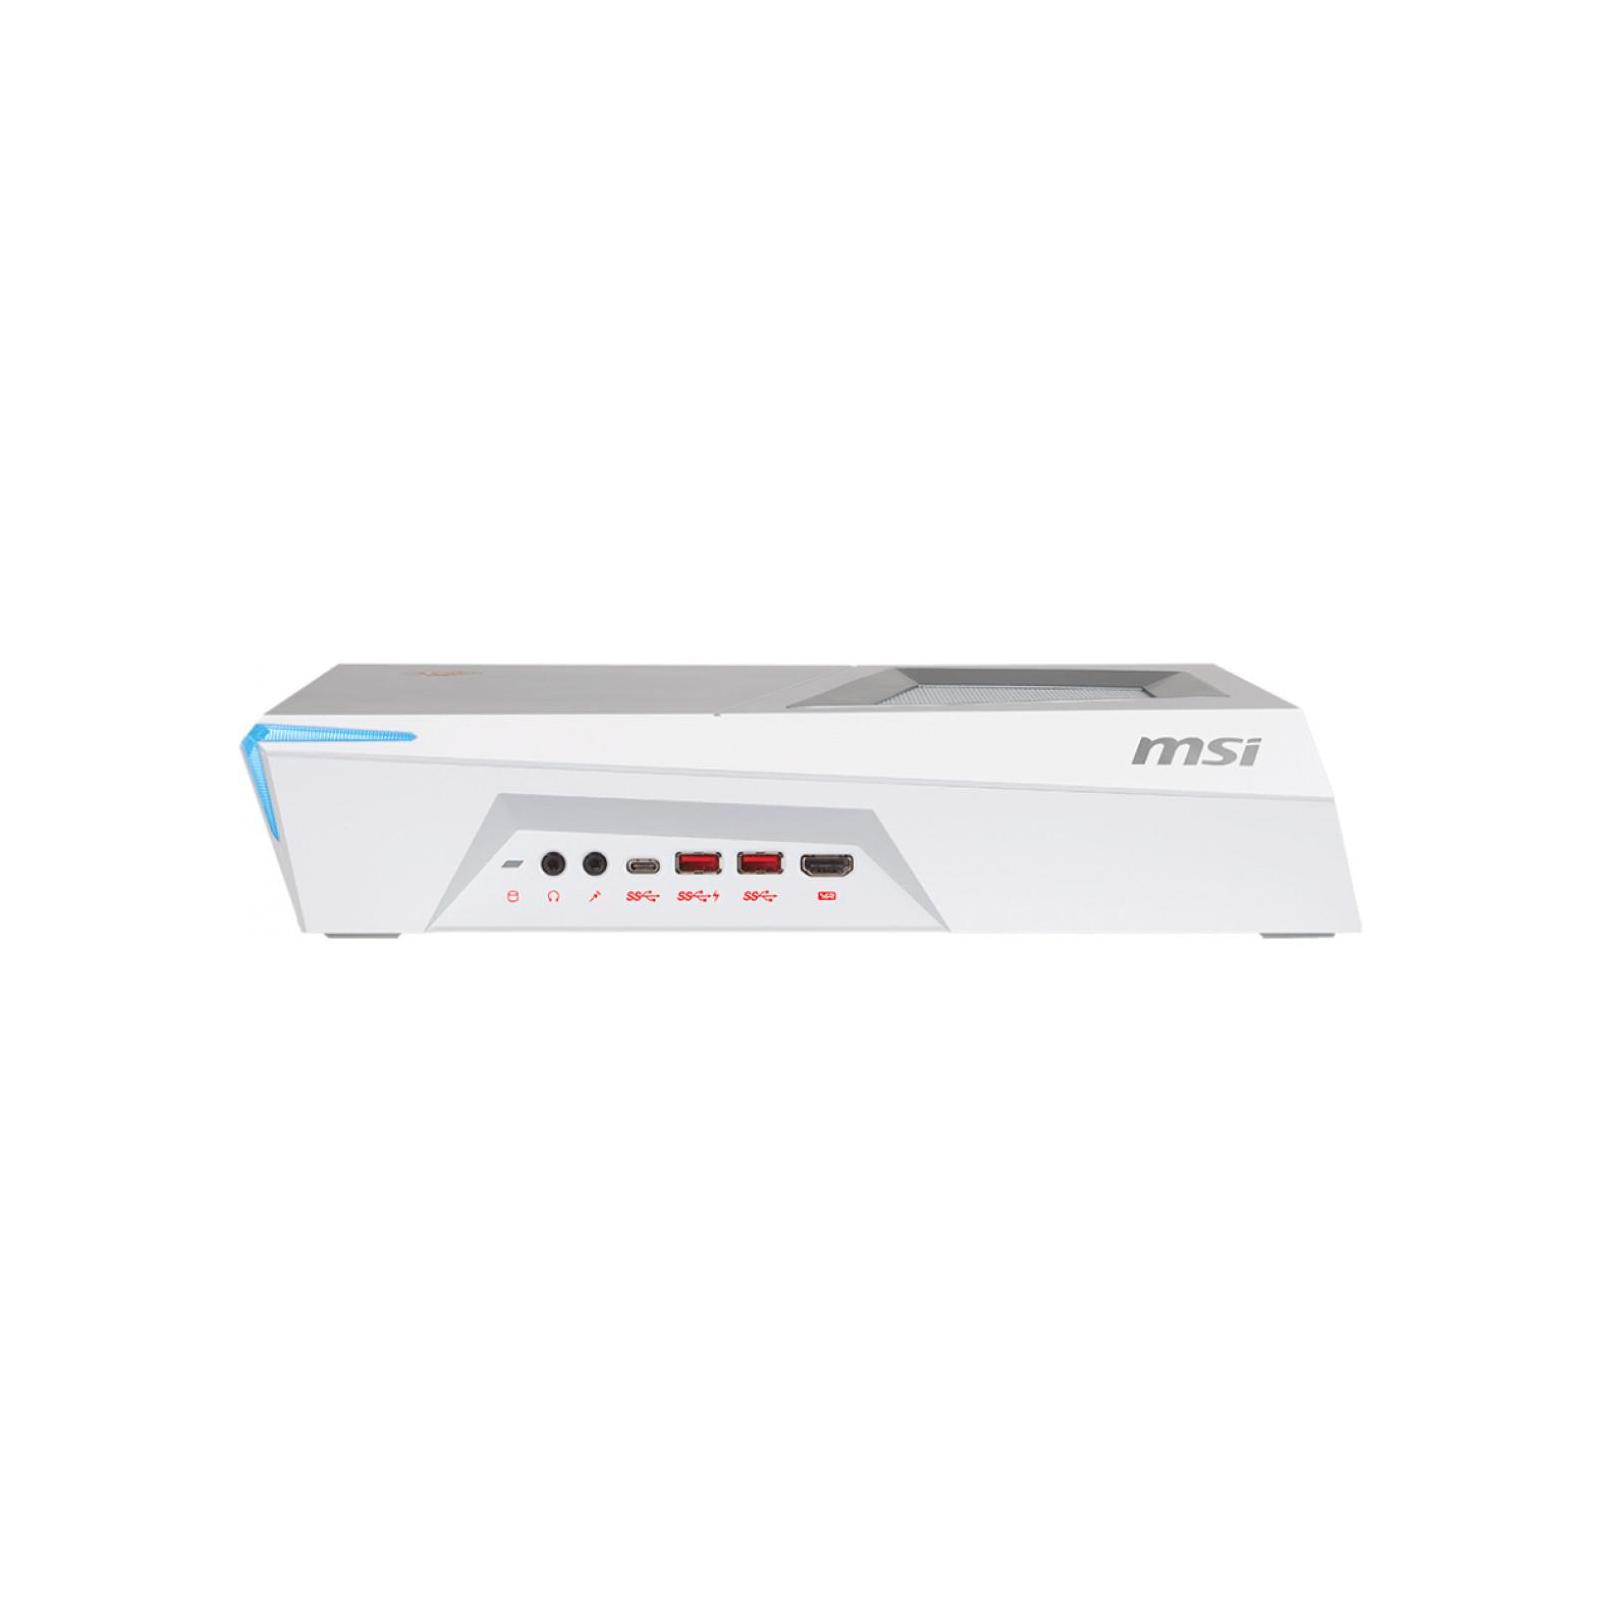 Компьютер MSI Trident 3 Arct (8RC-227EU) изображение 2